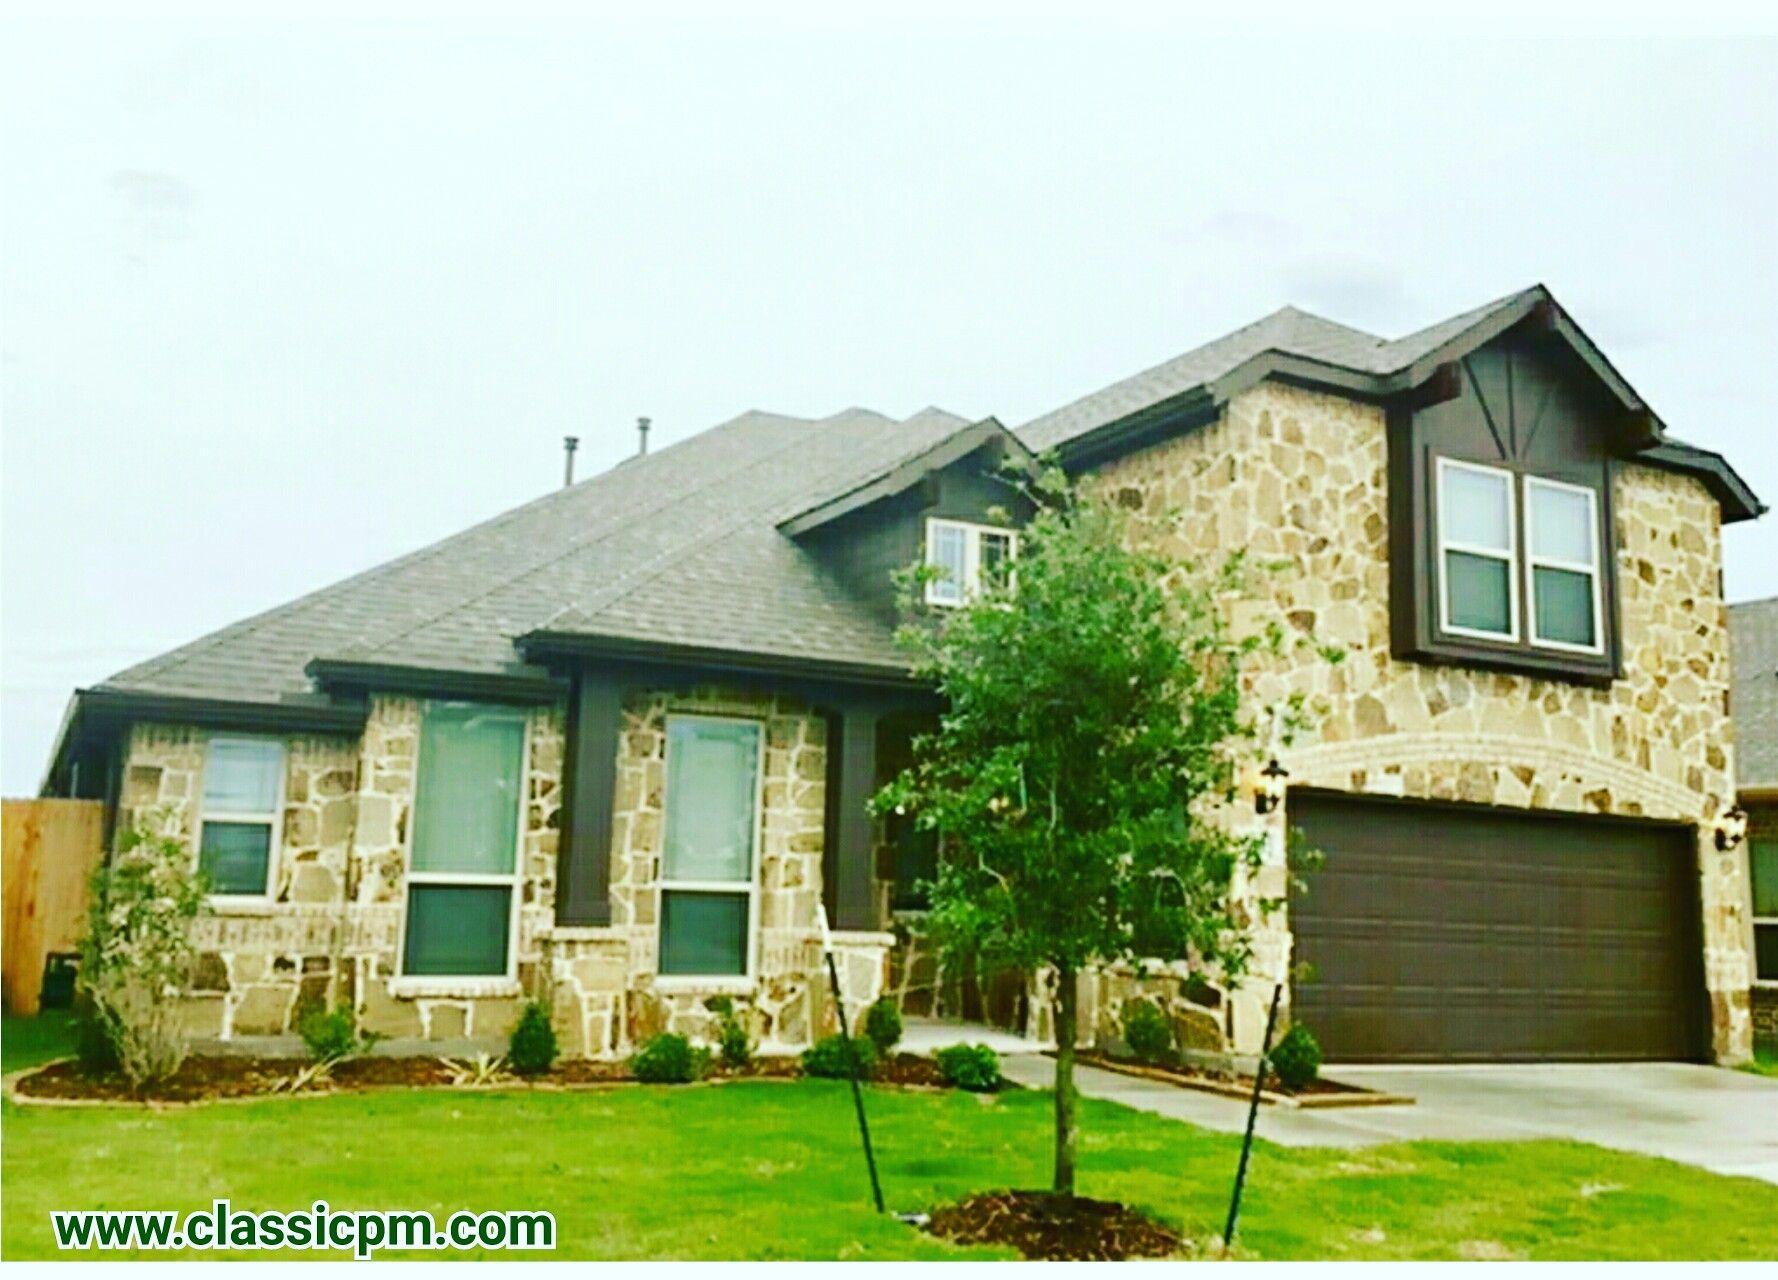 1301 Roadrunner Drive Little Elm, Texas 75068 374,500